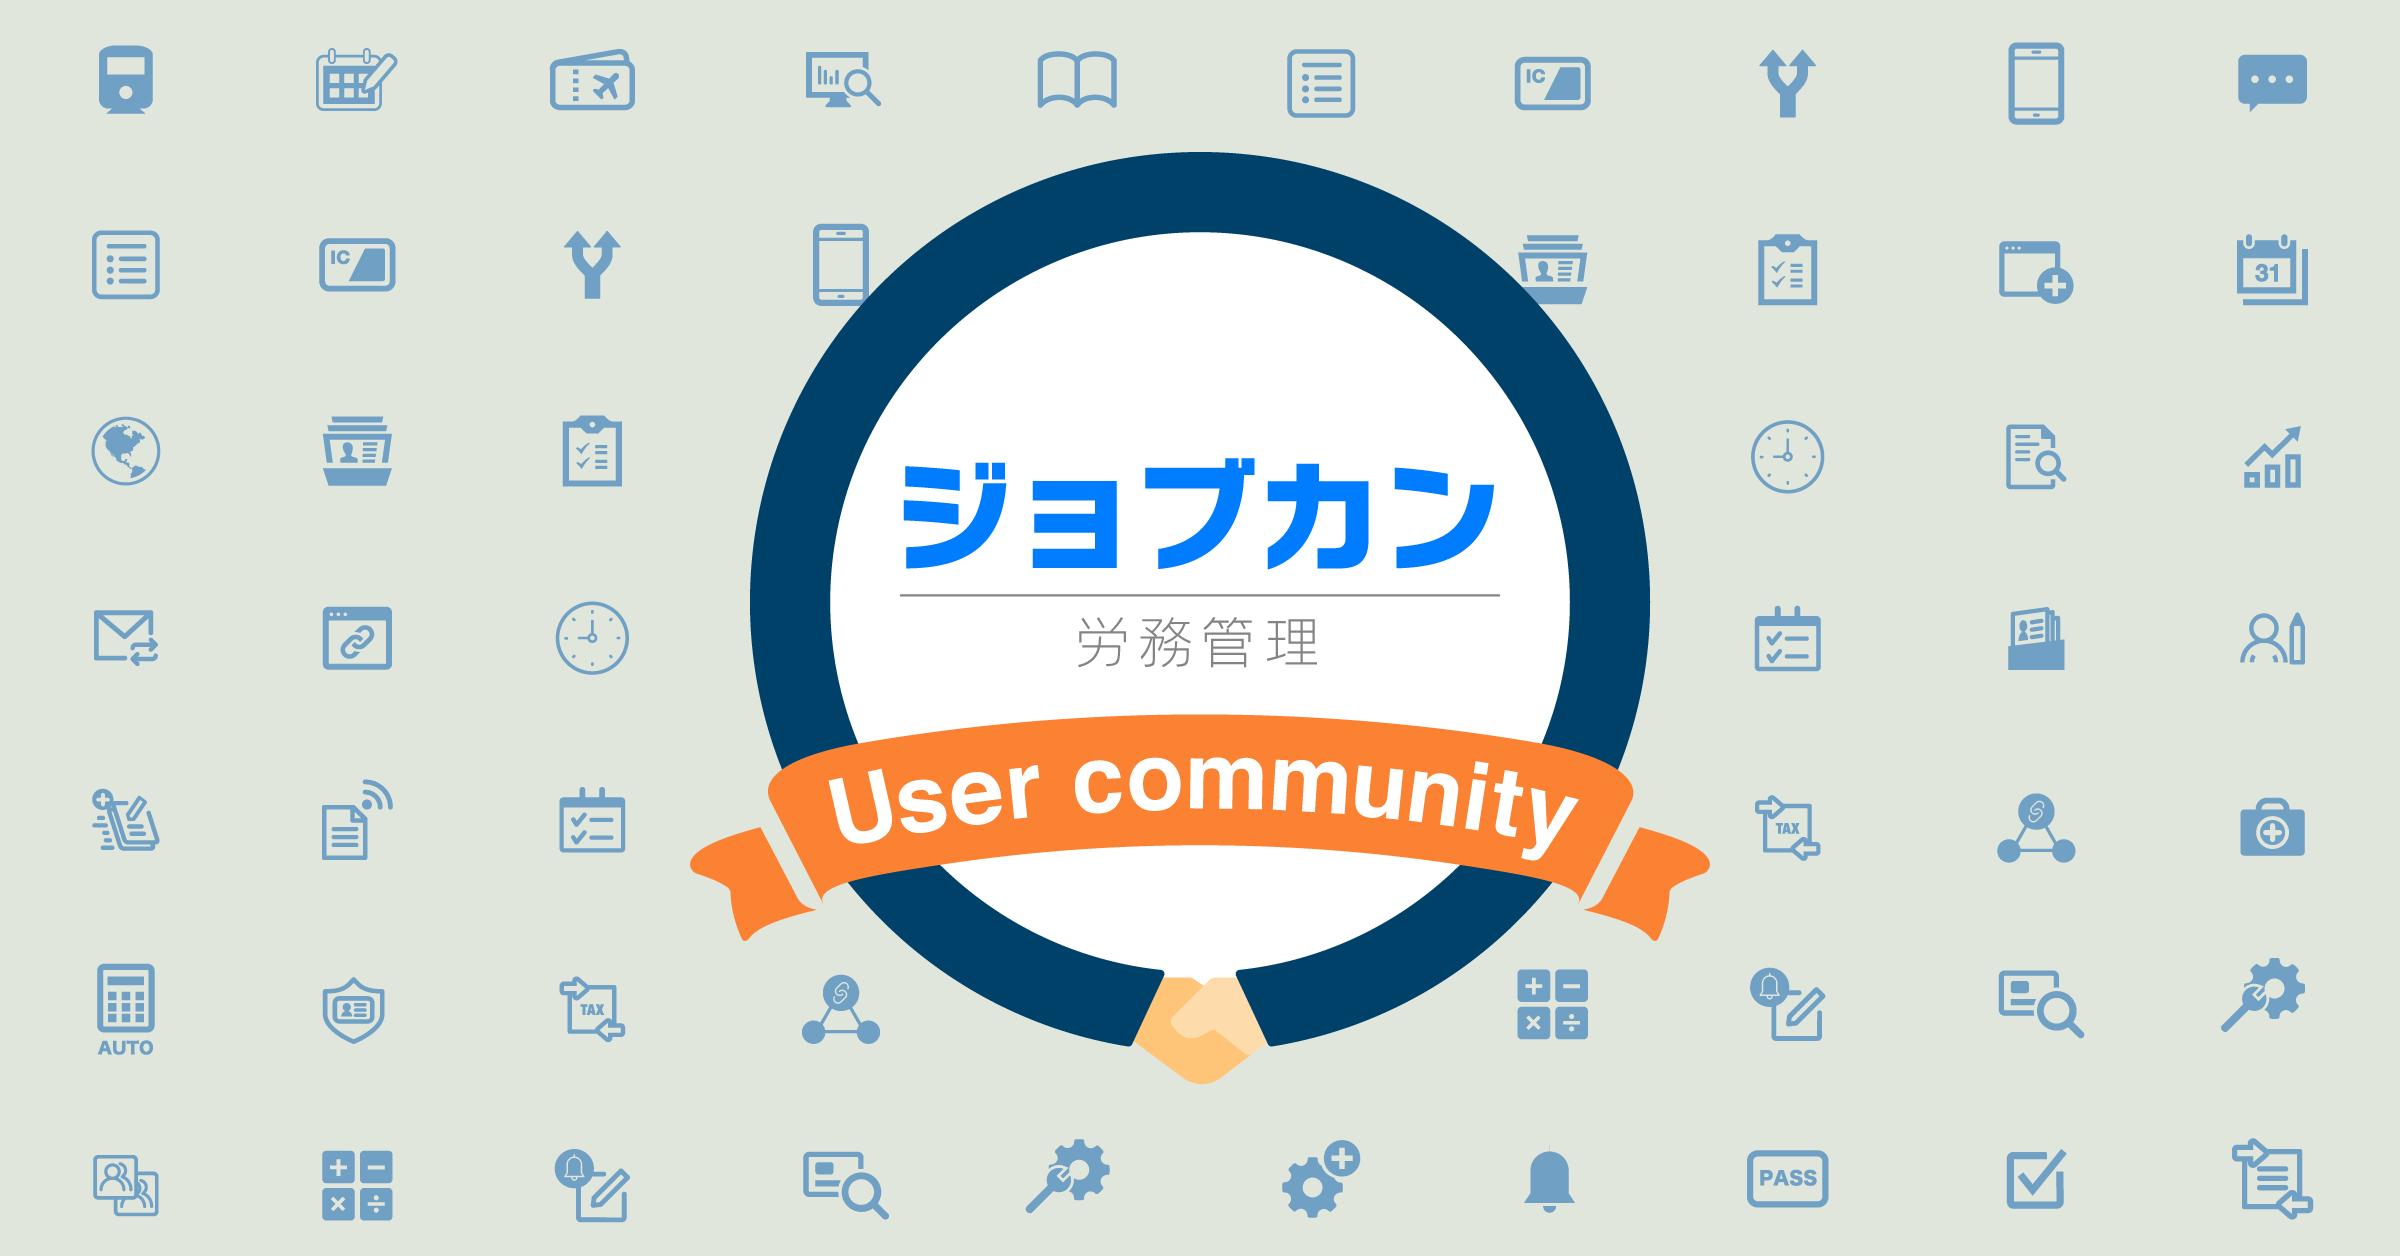 【ジョブカン労務管理】第1回ユーザー会のダイジェスト動画を公開!